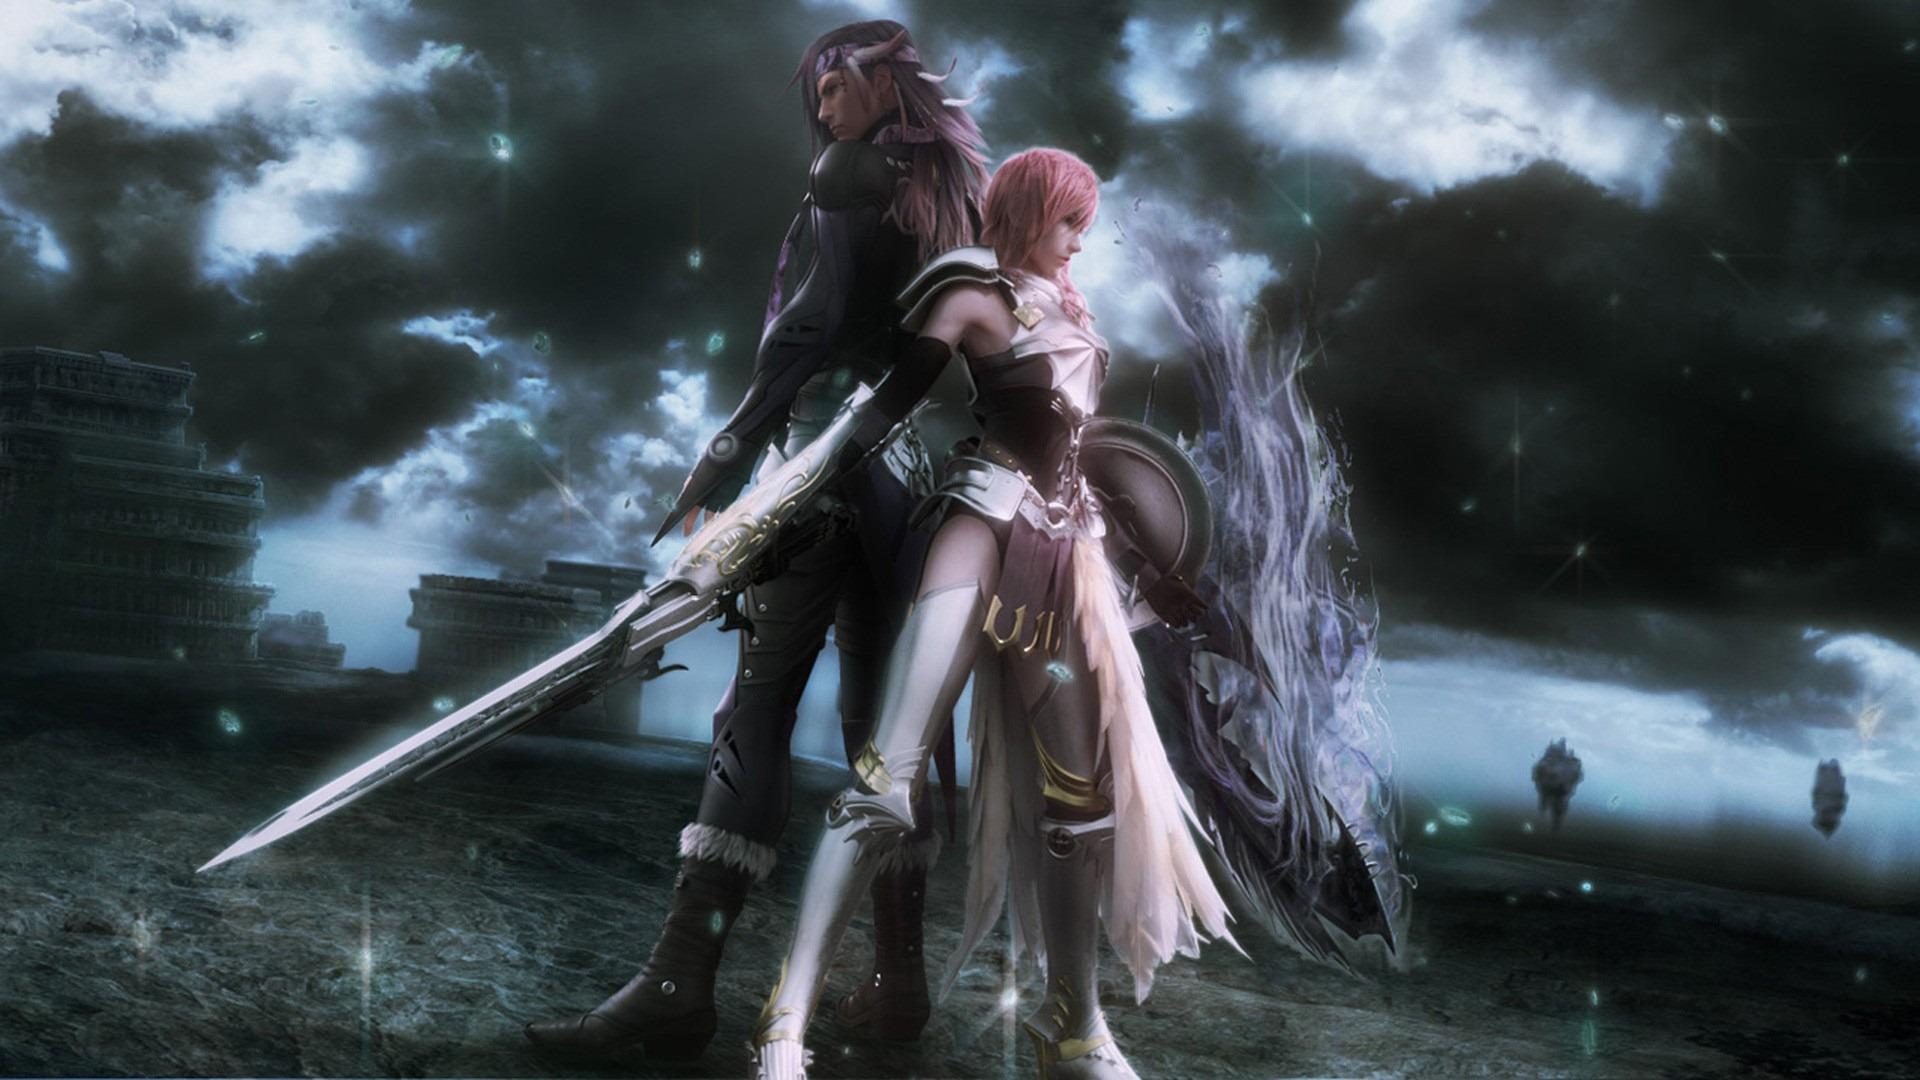 Final Fantasy Xiii Lightning K Hd Desktop Wallpaper For K